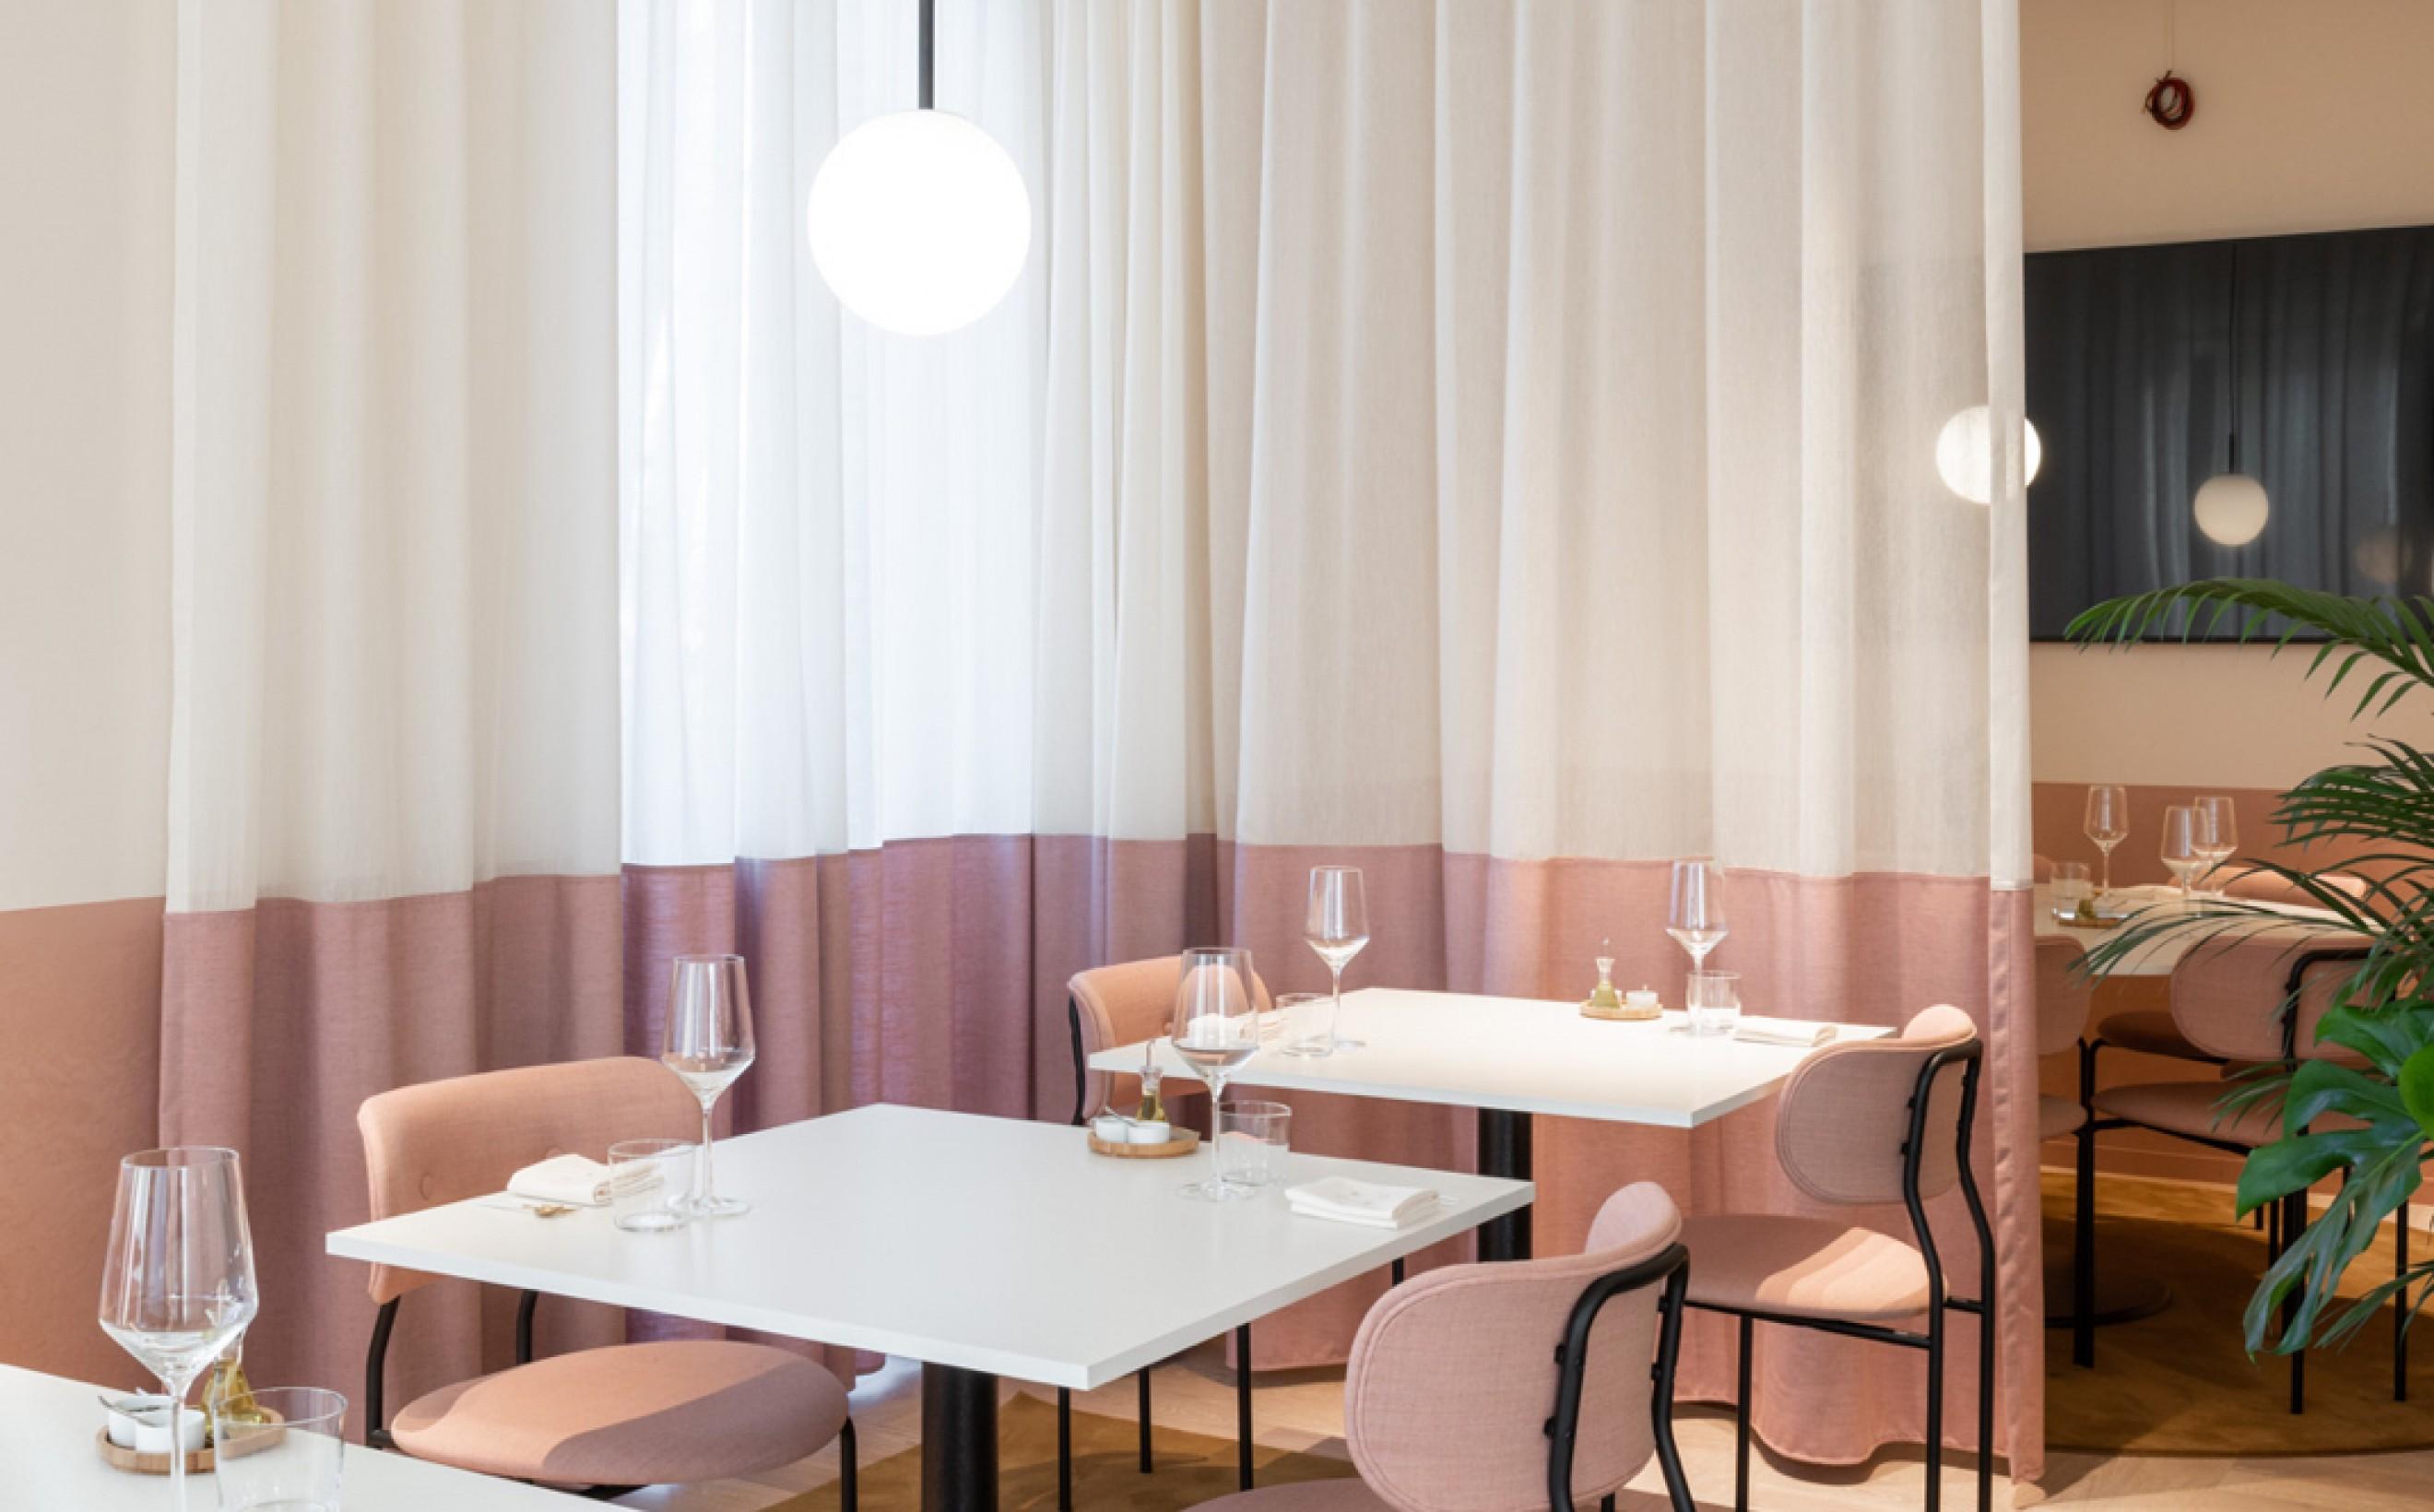 Zacht roze velours op de COCO stoel van Gubi in CRKL Roeselare  Victors Design Agency